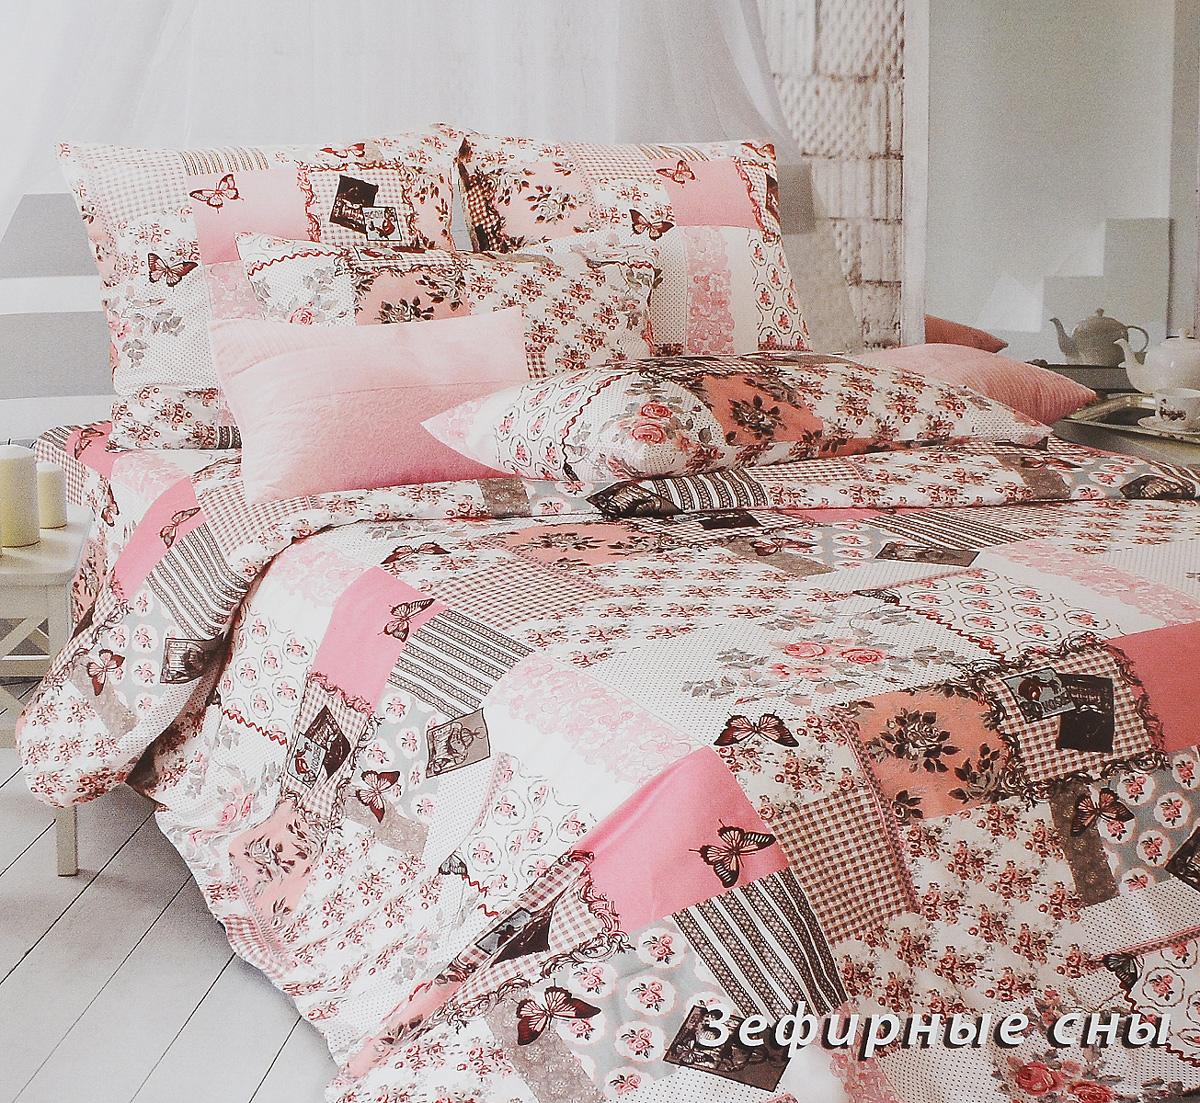 Комплект белья Tiffanys Secret Зефирные сны, евро, наволочки 50х70, цвет: розовый, белый, темно-коричневый2040115976Комплект постельного белья Tiffanys Secret Зефирные сны является экологически безопасным для всей семьи, так как выполнен из сатина (100% хлопок). Комплект состоит из пододеяльника, простыни и двух наволочек. Предметы комплекта оформлены оригинальным рисунком. Благодаря такому комплекту постельного белья вы сможете создать атмосферу уюта и комфорта в вашей спальне. Сатин - это ткань, навсегда покорившая сердца человечества. Ценившие роскошь персы называли ее атлас, а искушенные в прекрасном французы - сатин. Секрет высококачественного сатина в безупречности всего технологического процесса. Эту благородную ткань делают только из отборной натуральной пряжи, которую получают из самого лучшего тонковолокнистого хлопка. Благодаря использованию самой тонкой хлопковой нити получается необычайно мягкое и нежное полотно. Сатиновое постельное белье превращает жаркие летние ночи в прохладные и освежающие, а холодные зимние - в теплые и согревающие. ...